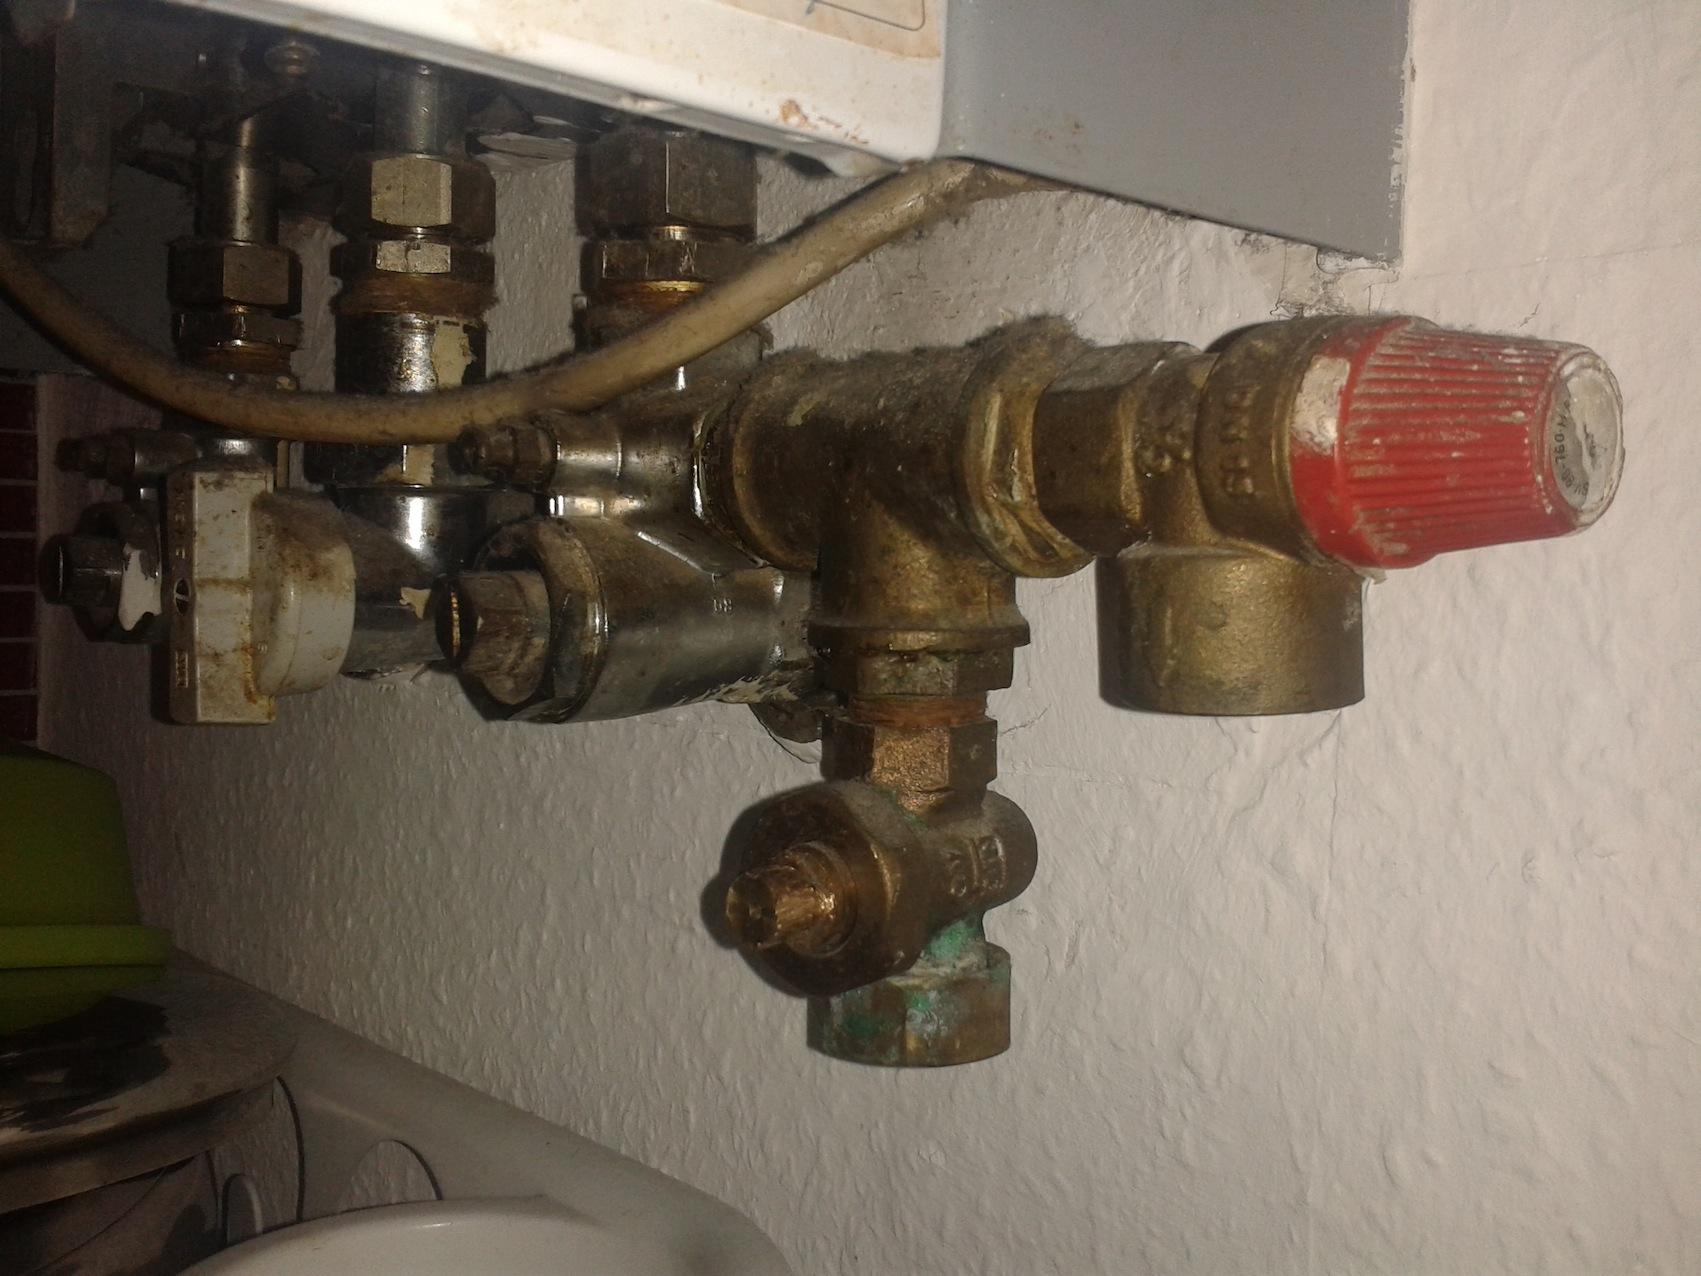 wasser im heizungssystem nachf llen an der heizung oder gastherme haus gas. Black Bedroom Furniture Sets. Home Design Ideas